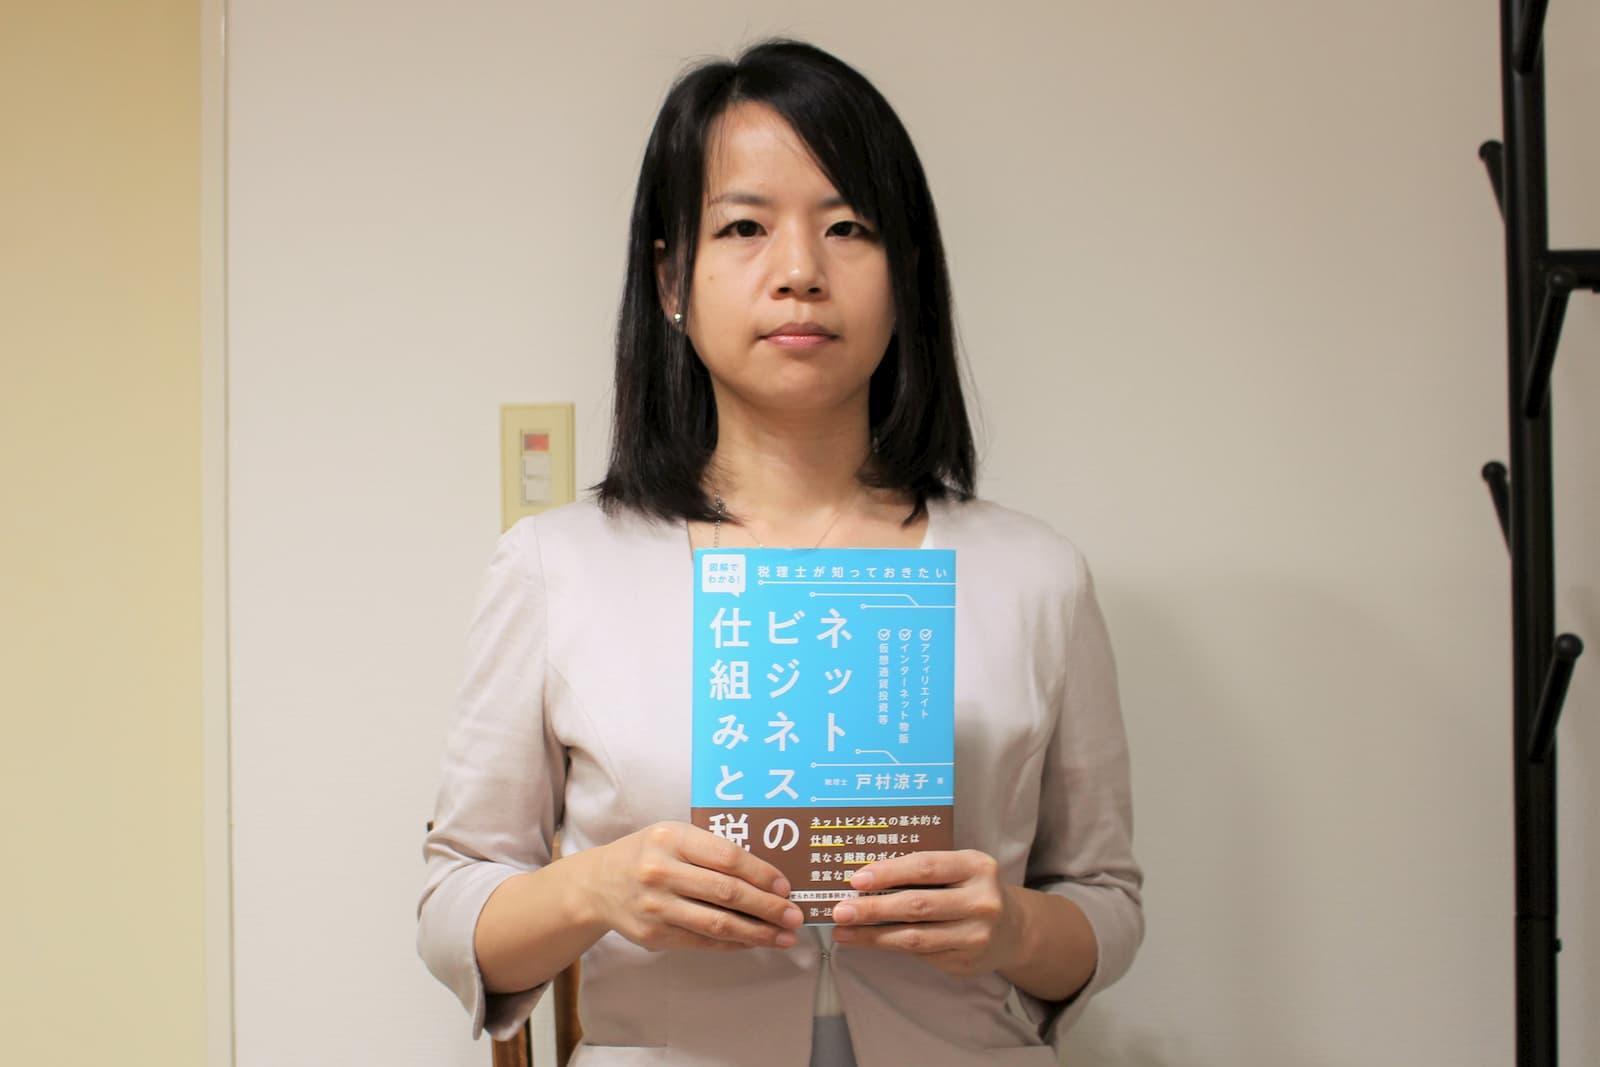 老後2000万貯金より「仲間を作ったほうがいい」税理士・戸村涼子さんが語るお金論